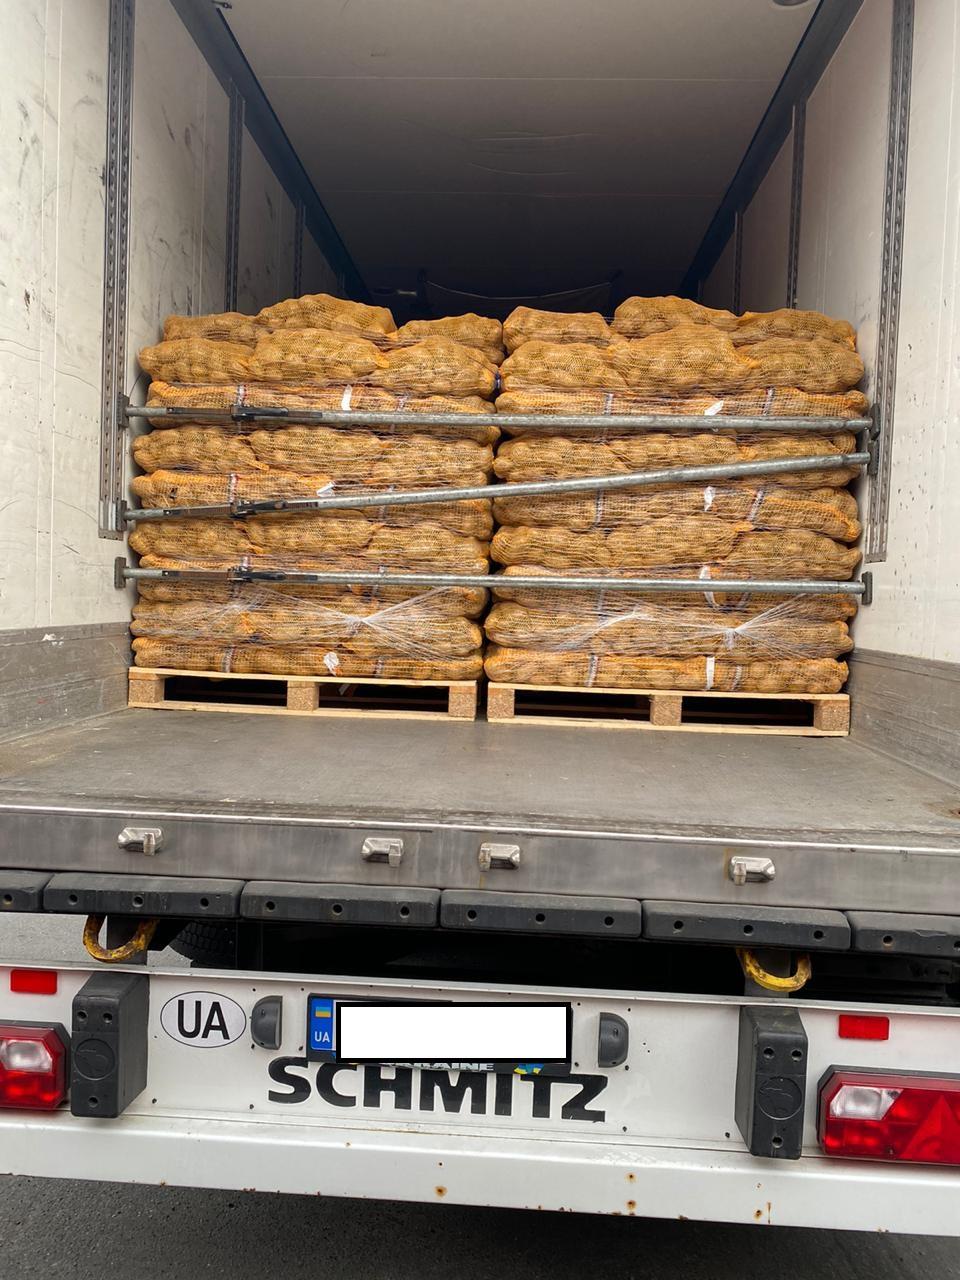 Через волинський кордон перевозили стоматологічні прилади під виглядом картоплі